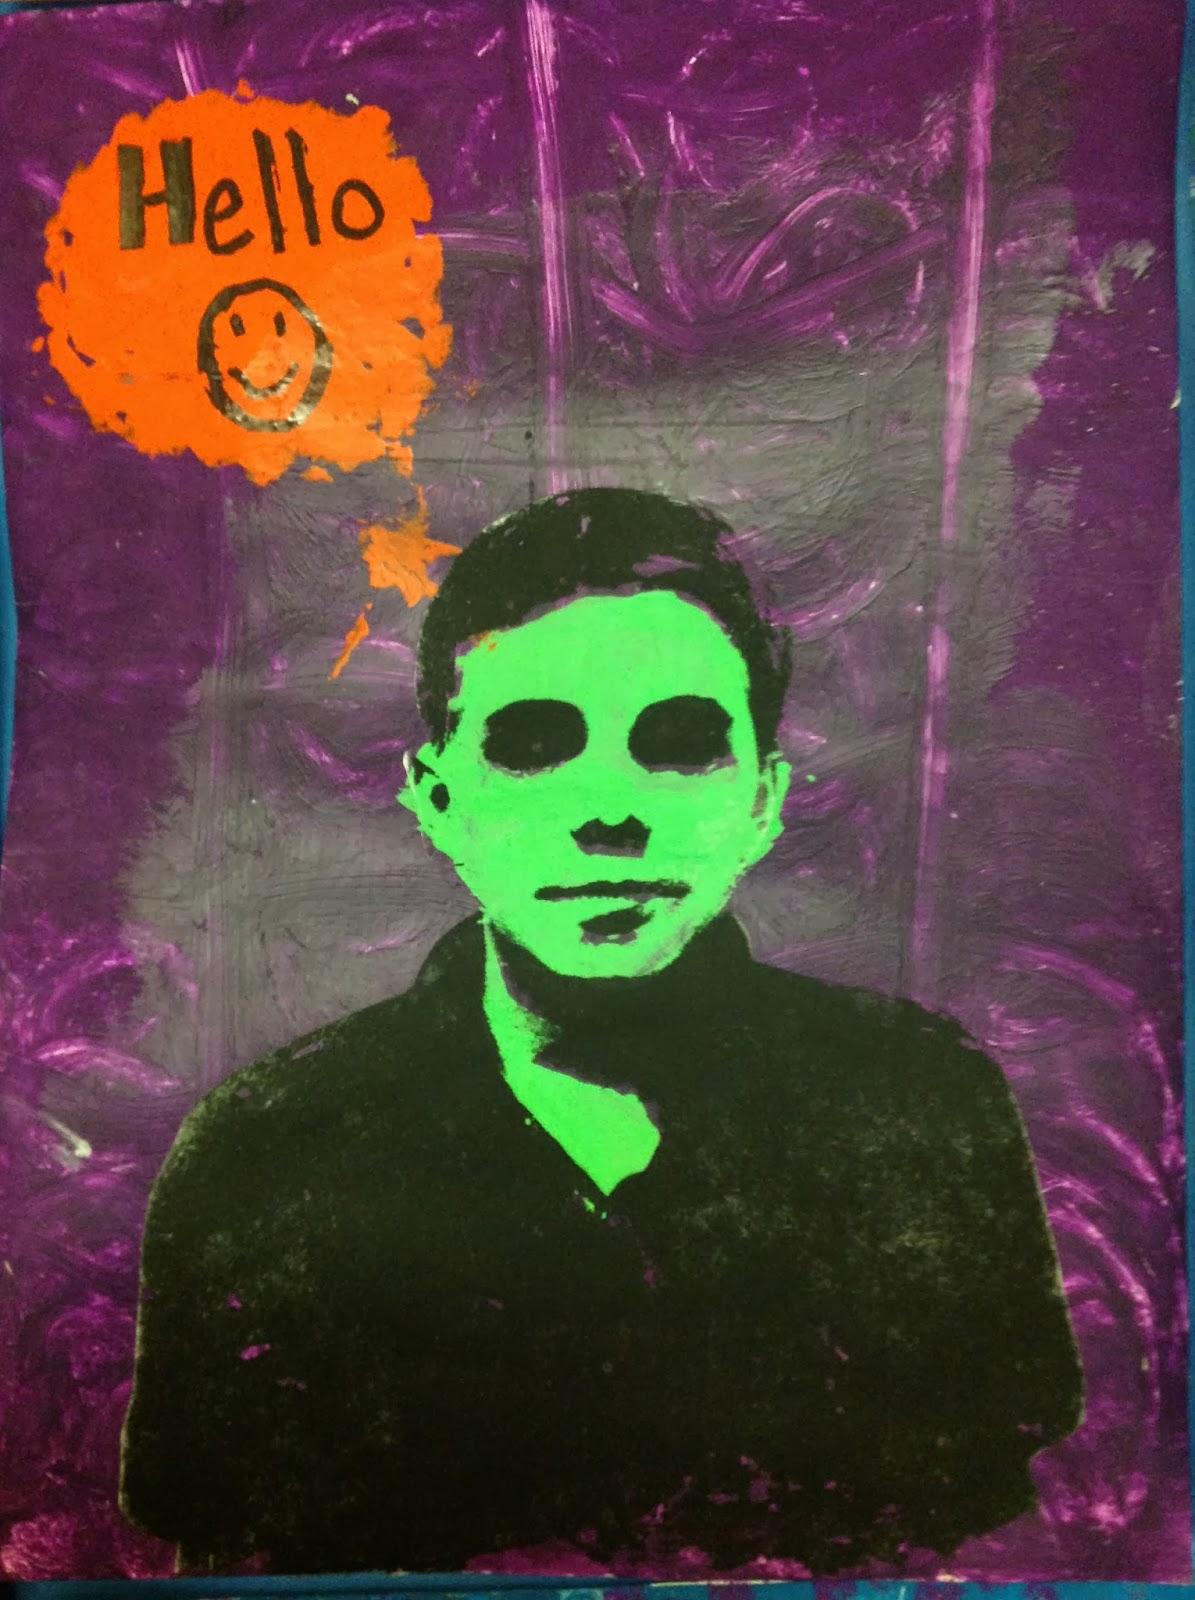 6th Grade Pop Art Portrait Inspired by Warhol and Lichtenstein